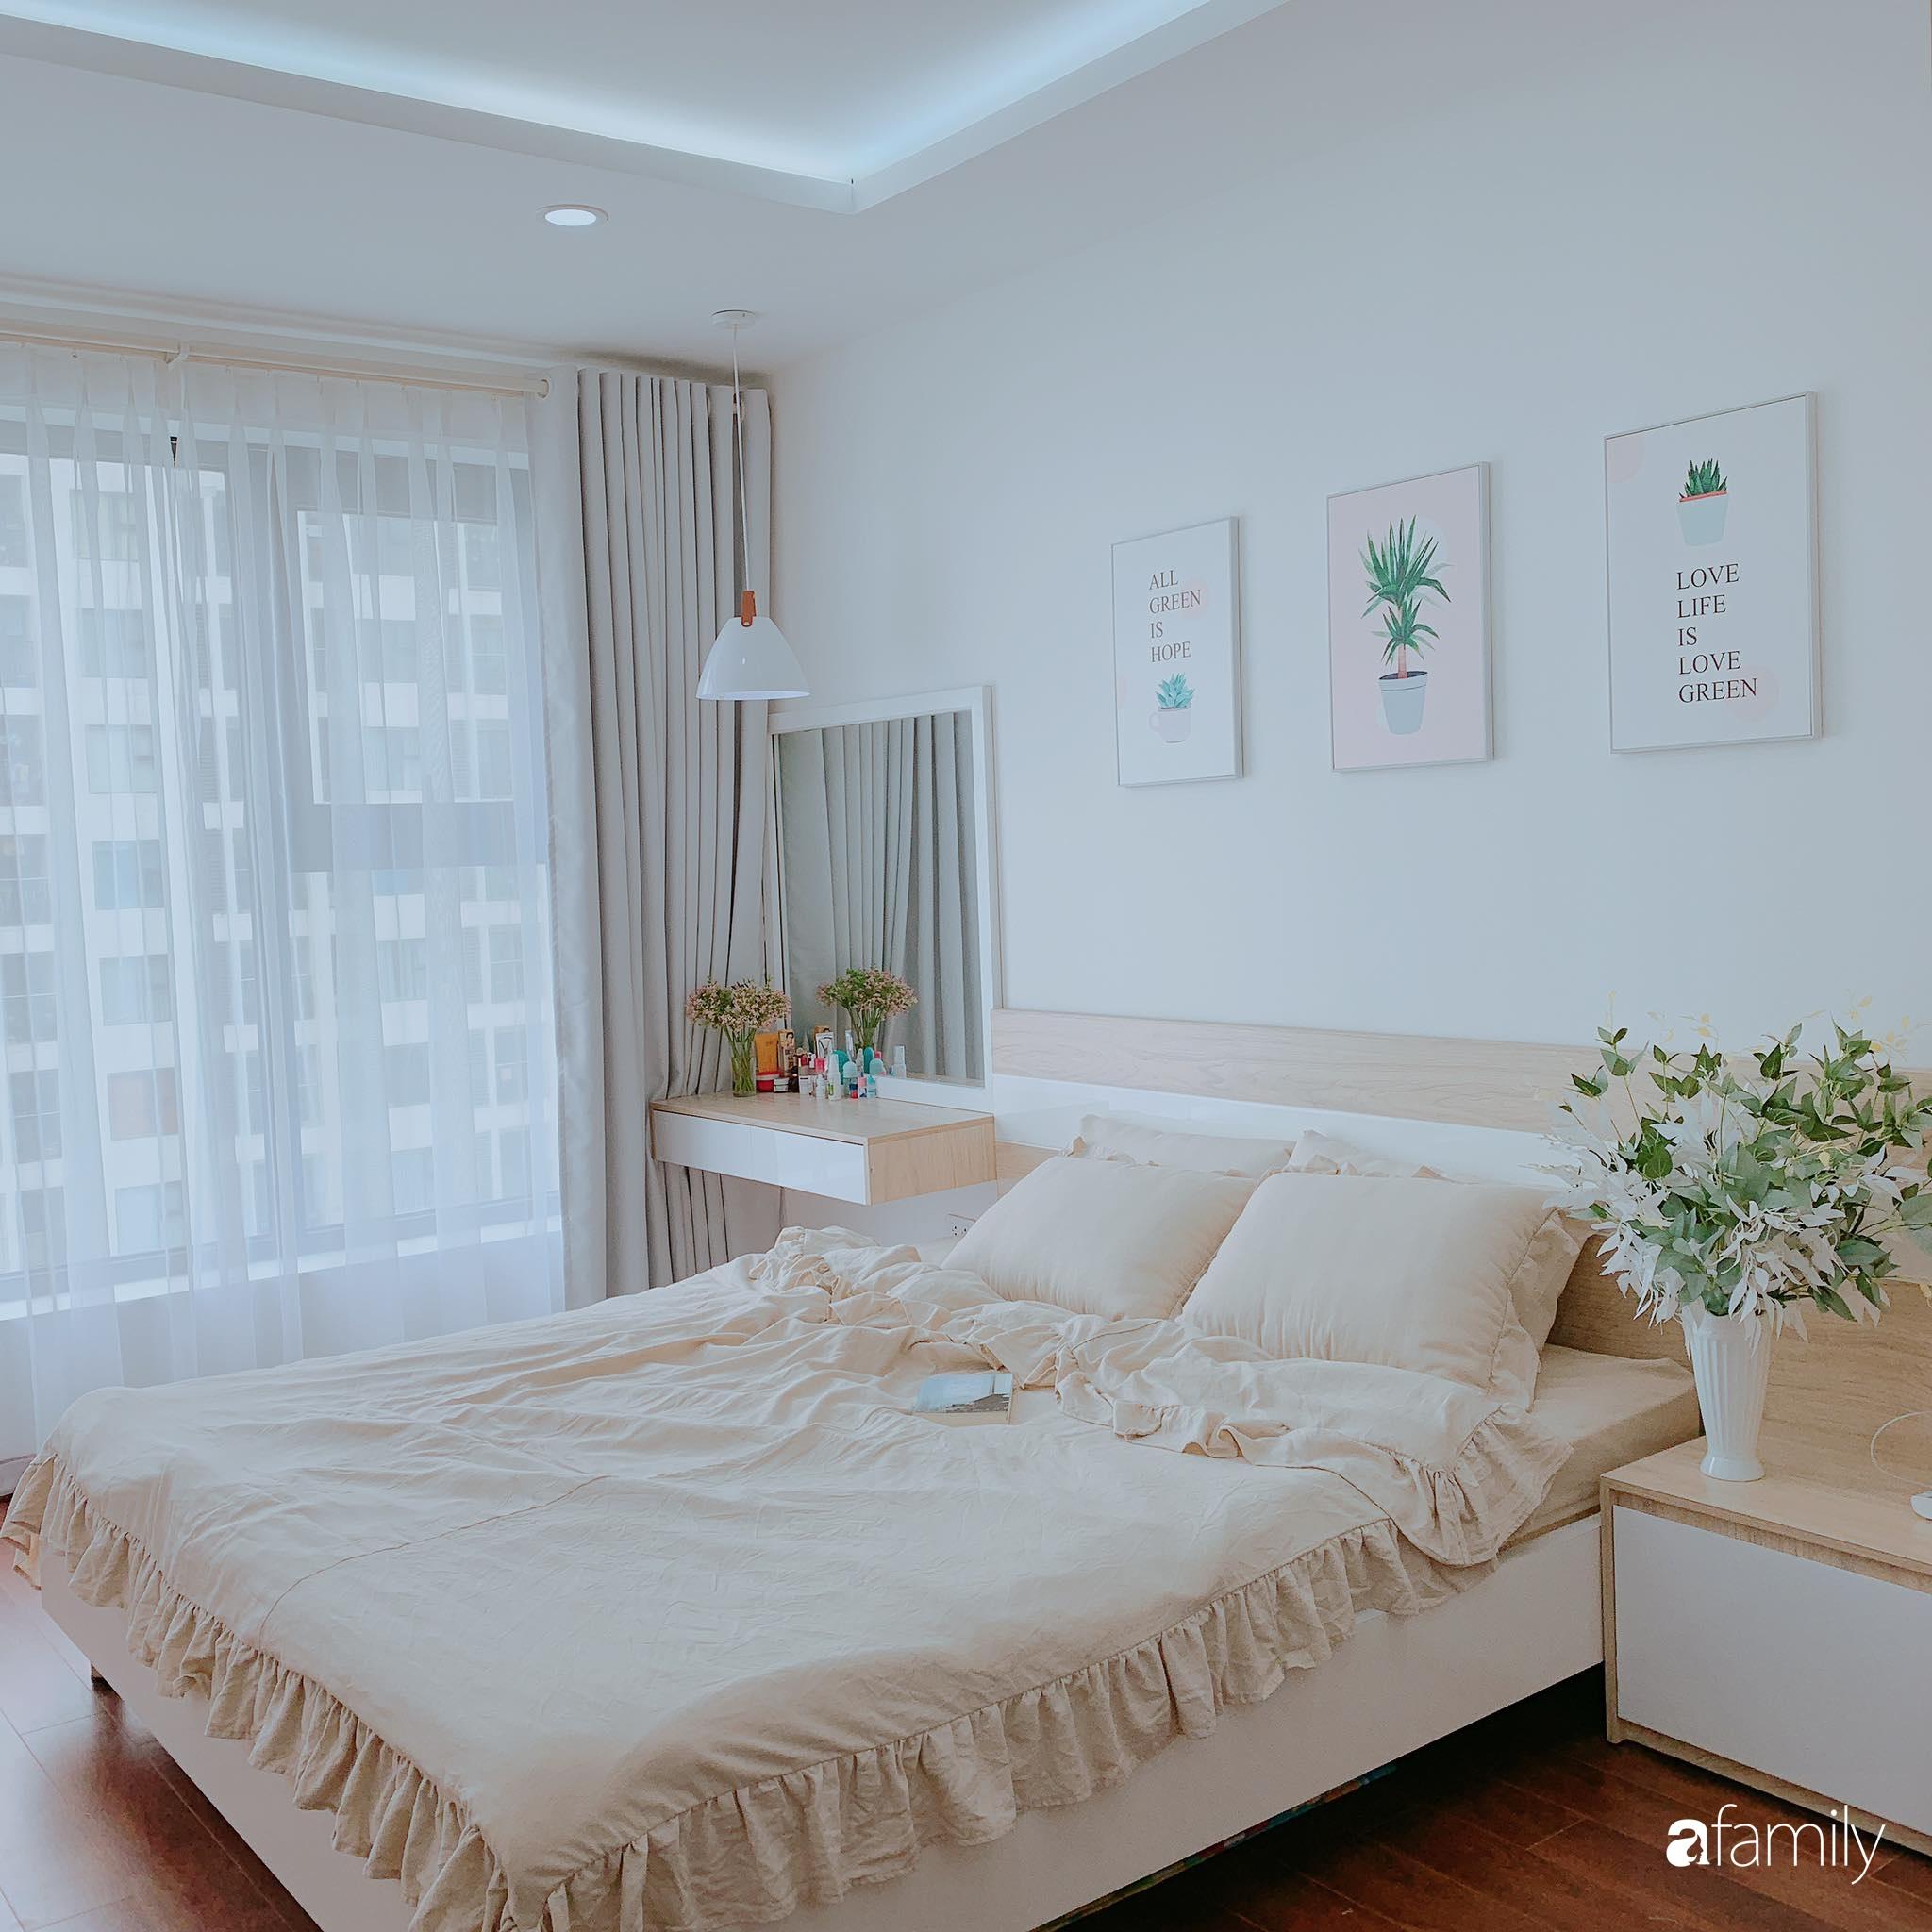 Căn hộ 90m² như được nhân đôi không gian nhờ cách decor khéo léo với màu trắng - ghi ở Hà Nội - Ảnh 12.